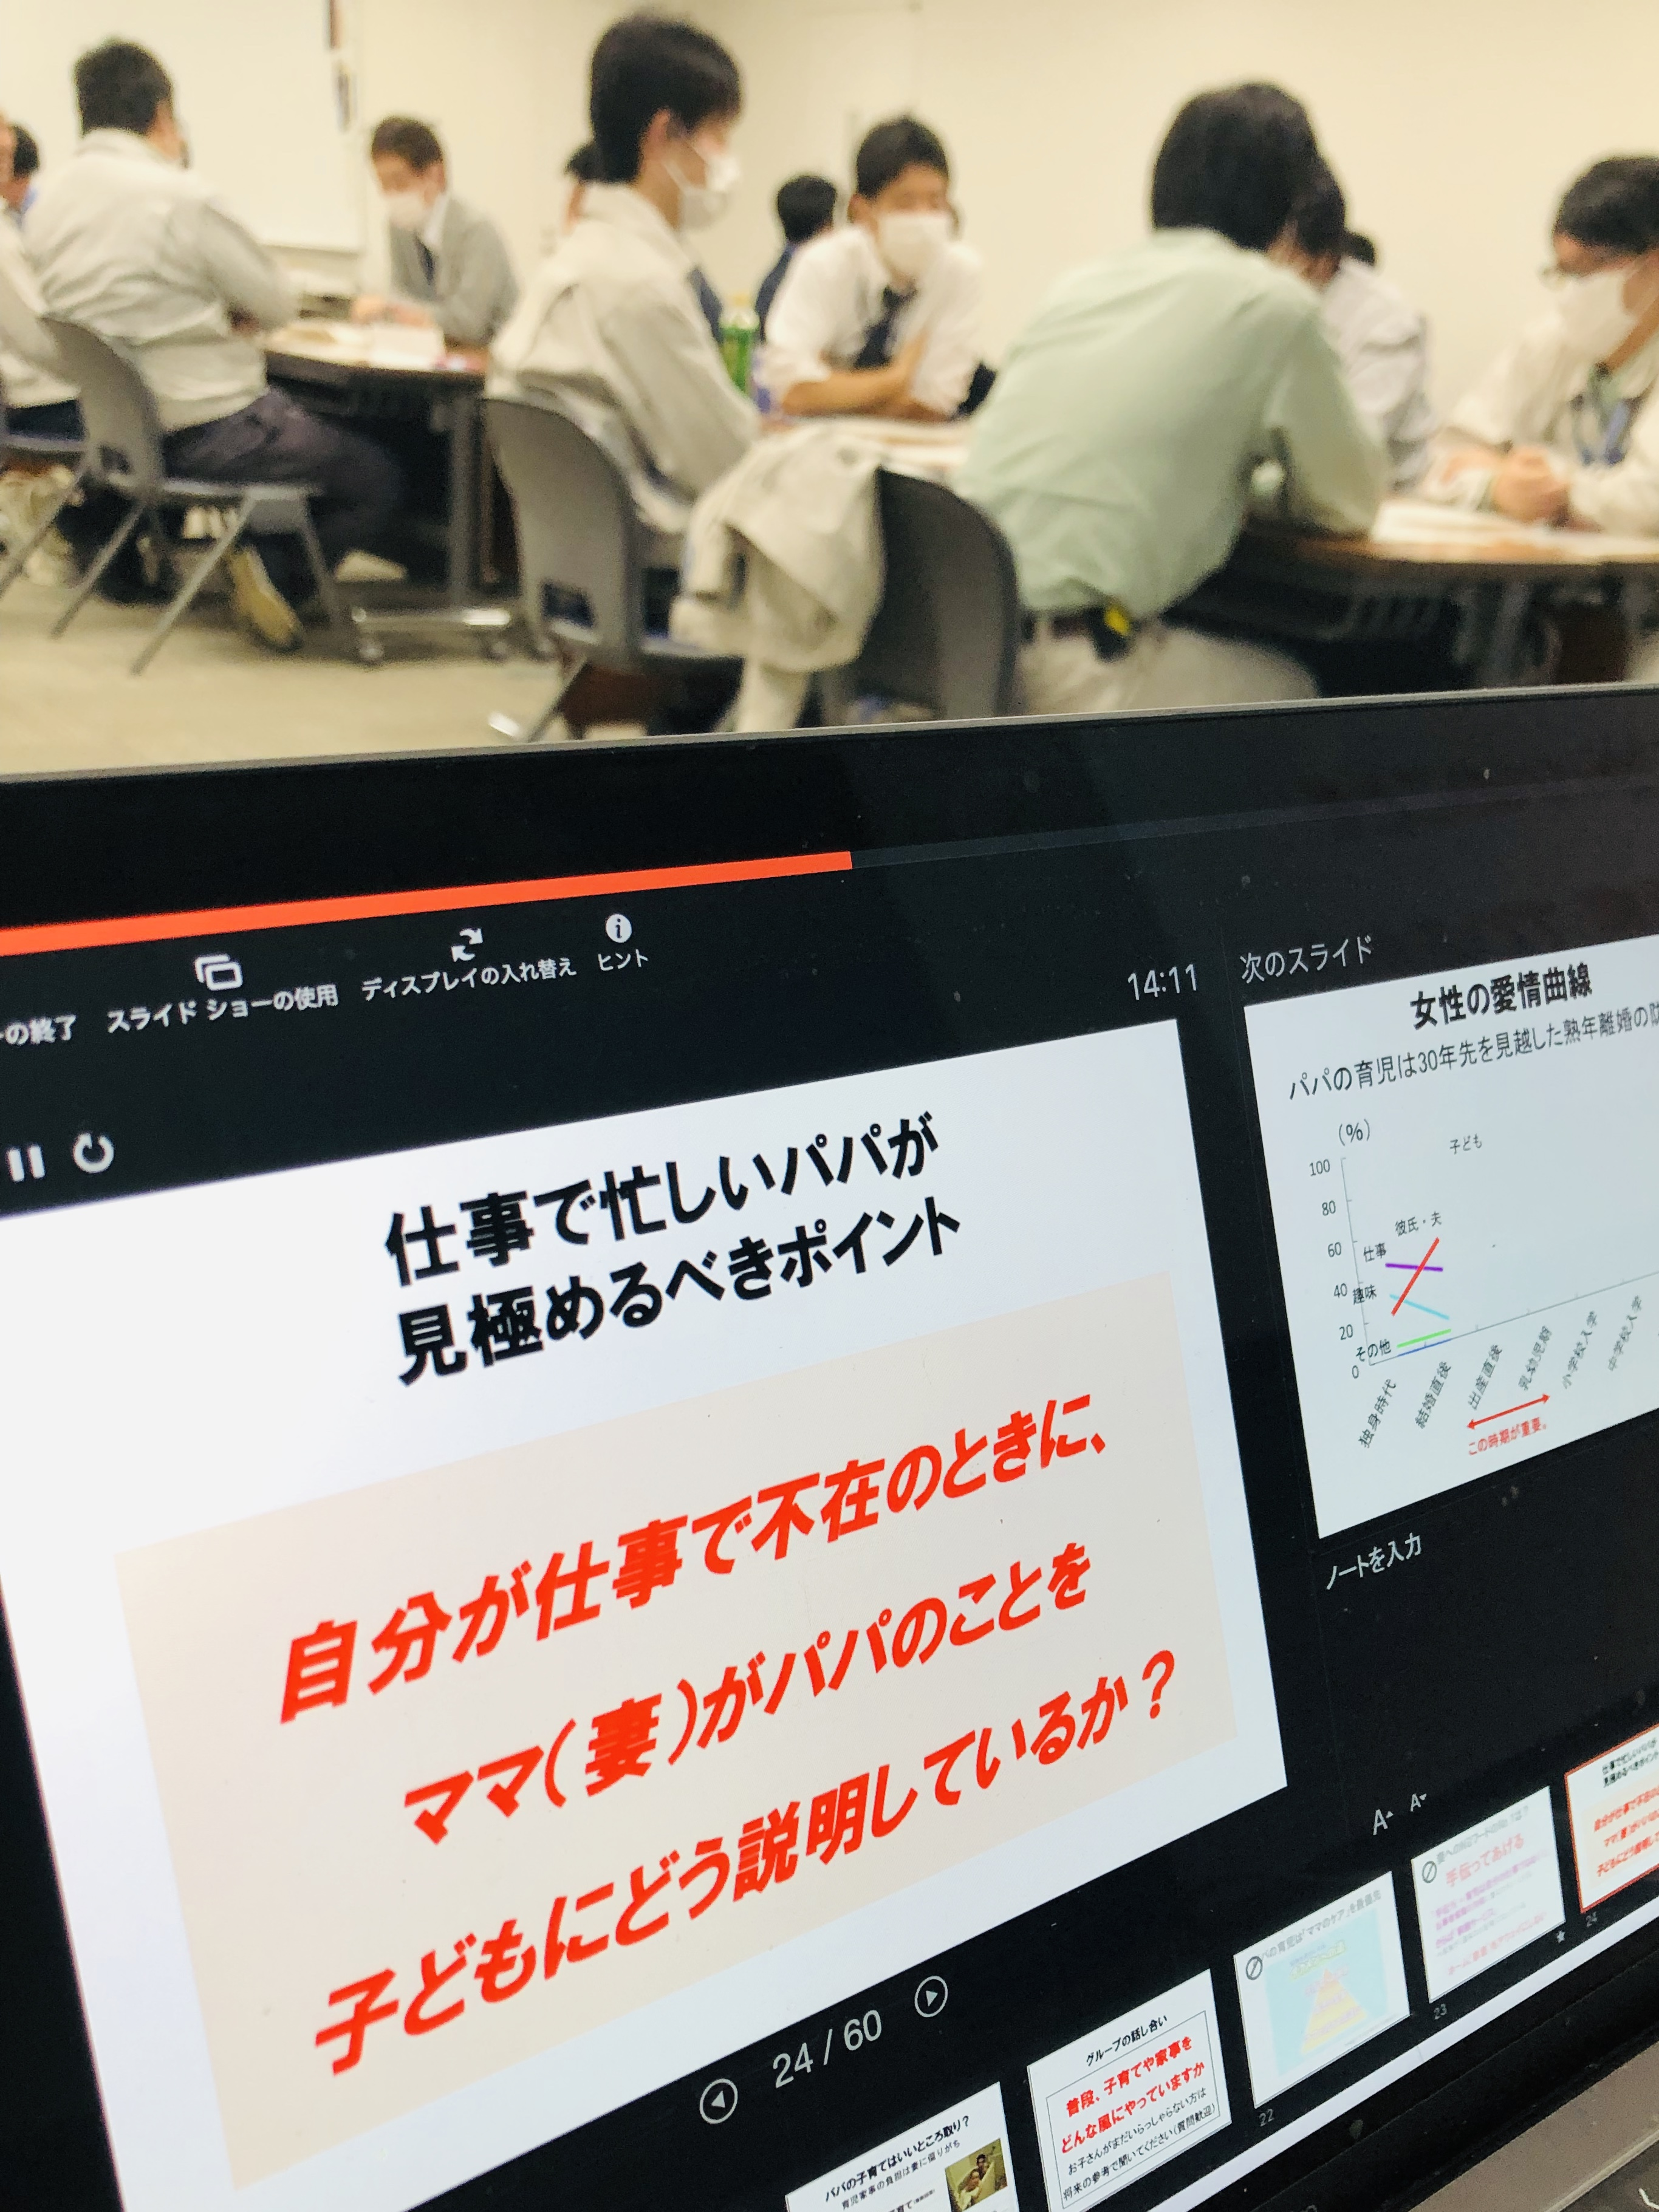 茅ヶ崎市で「理想の働き方と子育てライフ」をテーマにフューチャーセッション